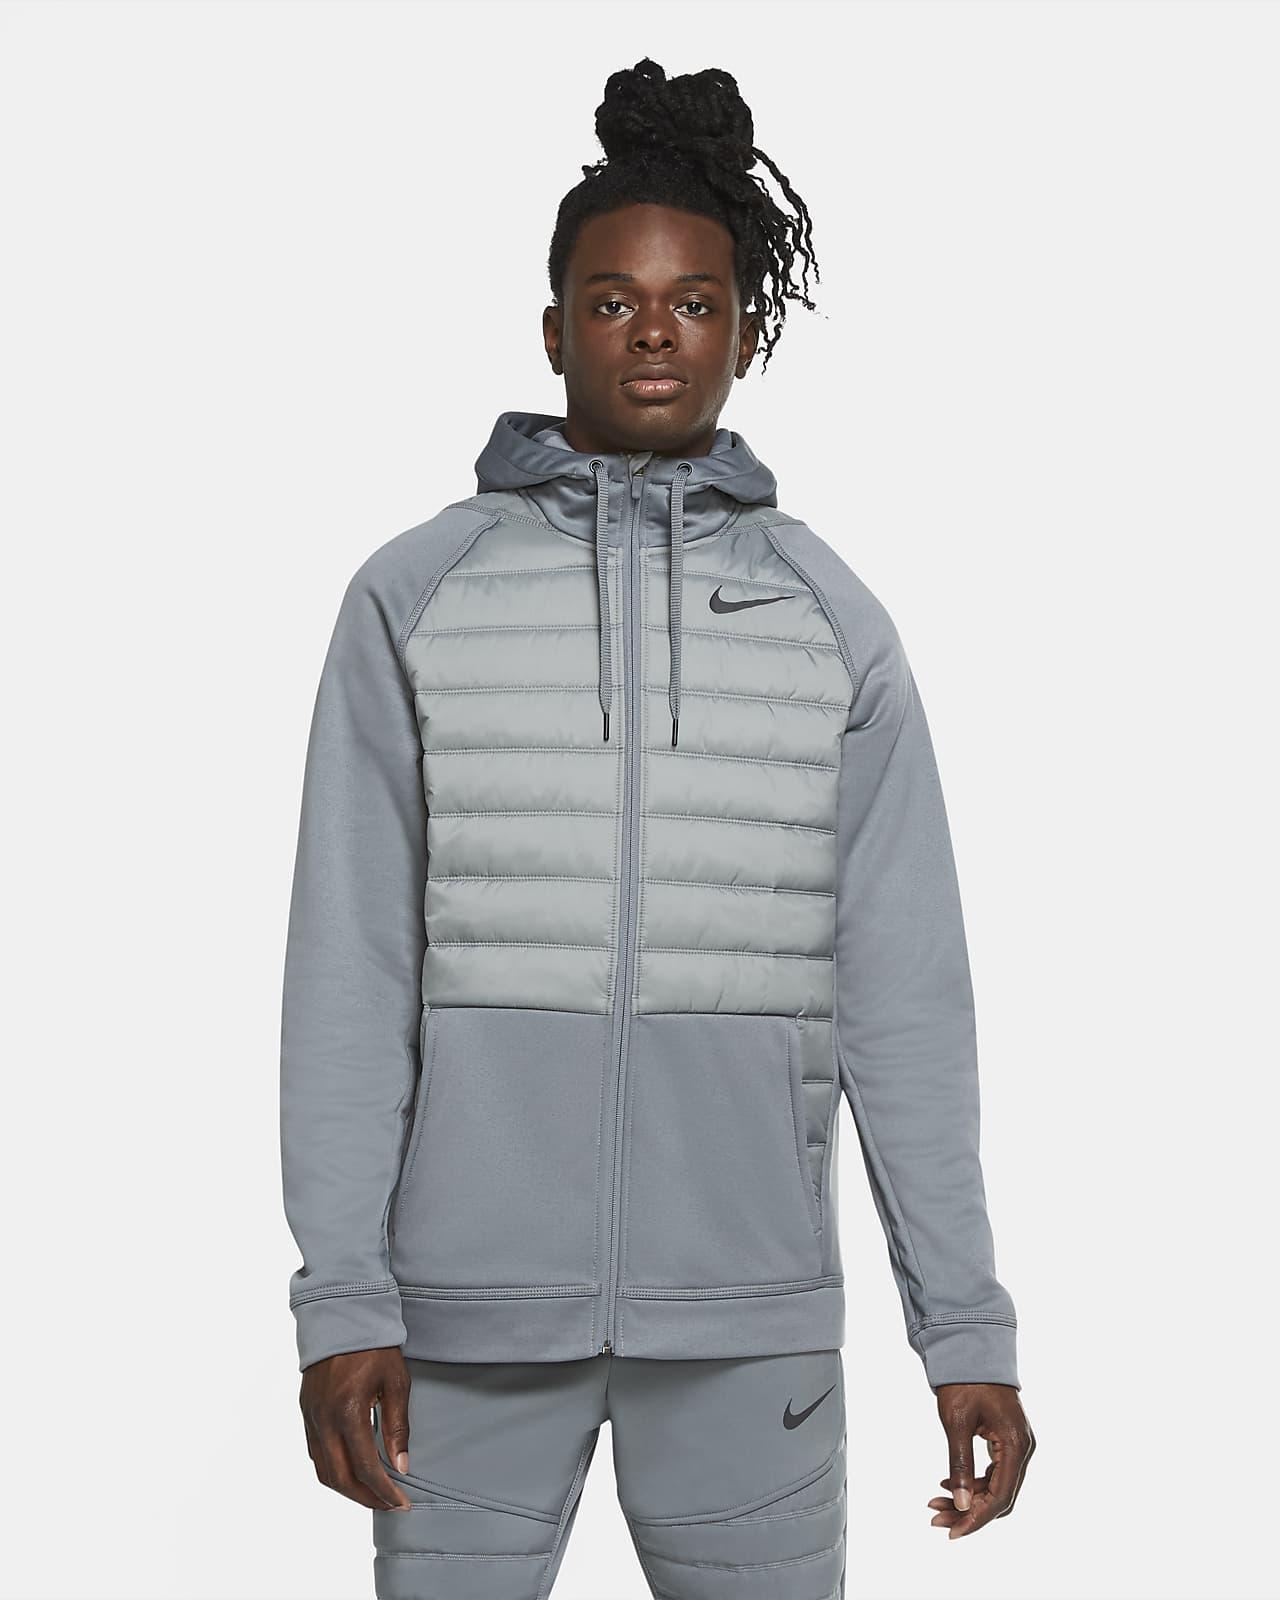 Nike Therma Herren-Trainingsjacke mit durchgehendem Reißverschluss